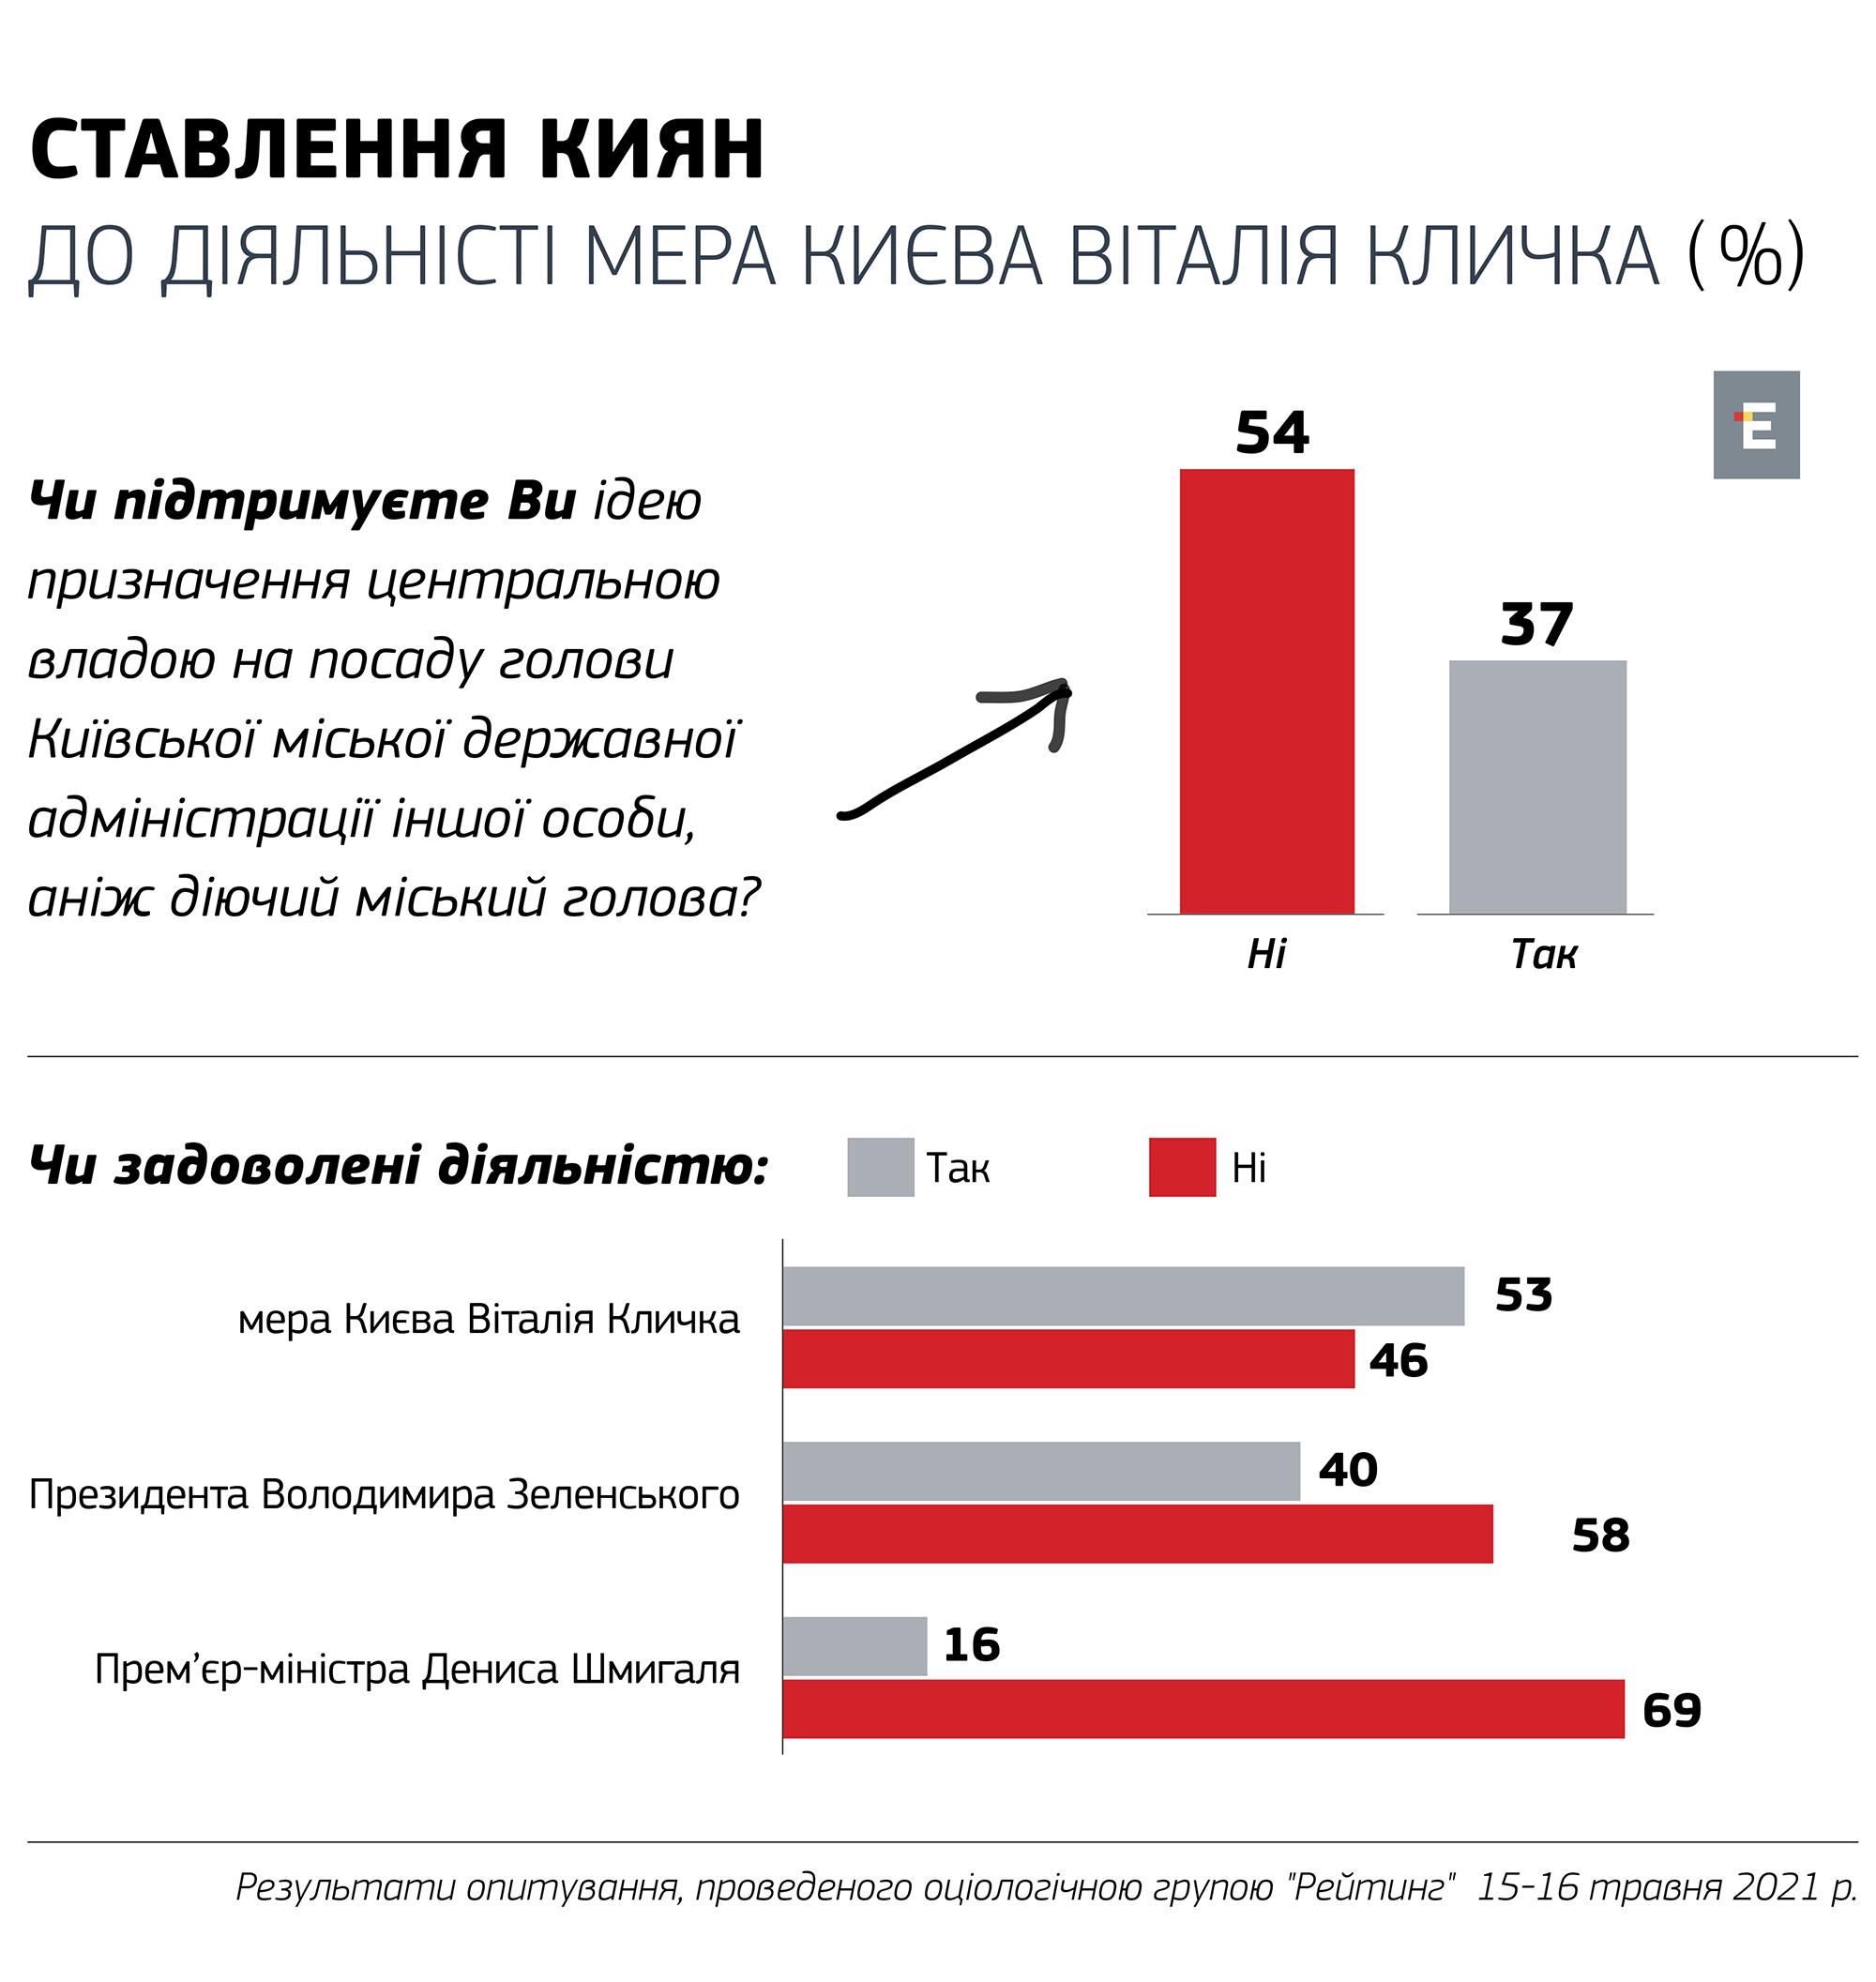 53% жителів Києва задоволені діяльністю Кличка